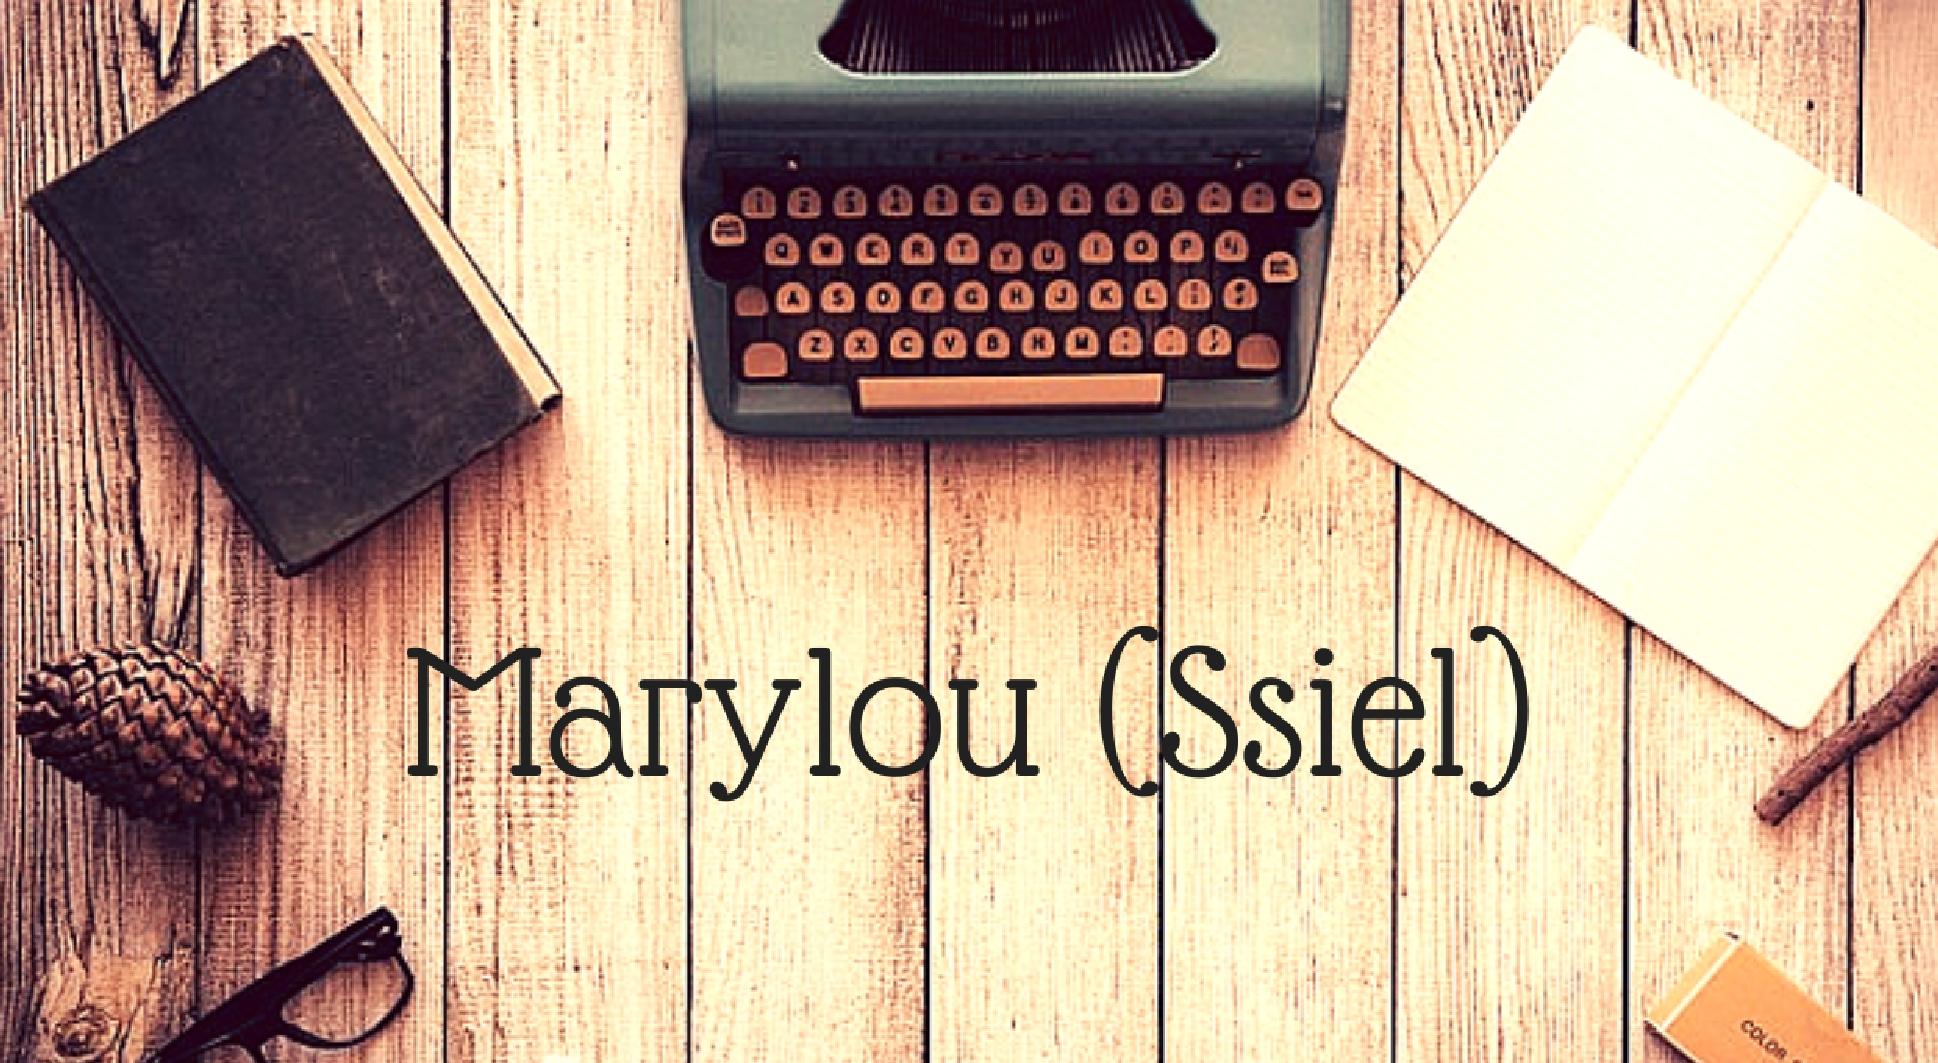 L'écriture et Marilou (alias Ssiel) - Article